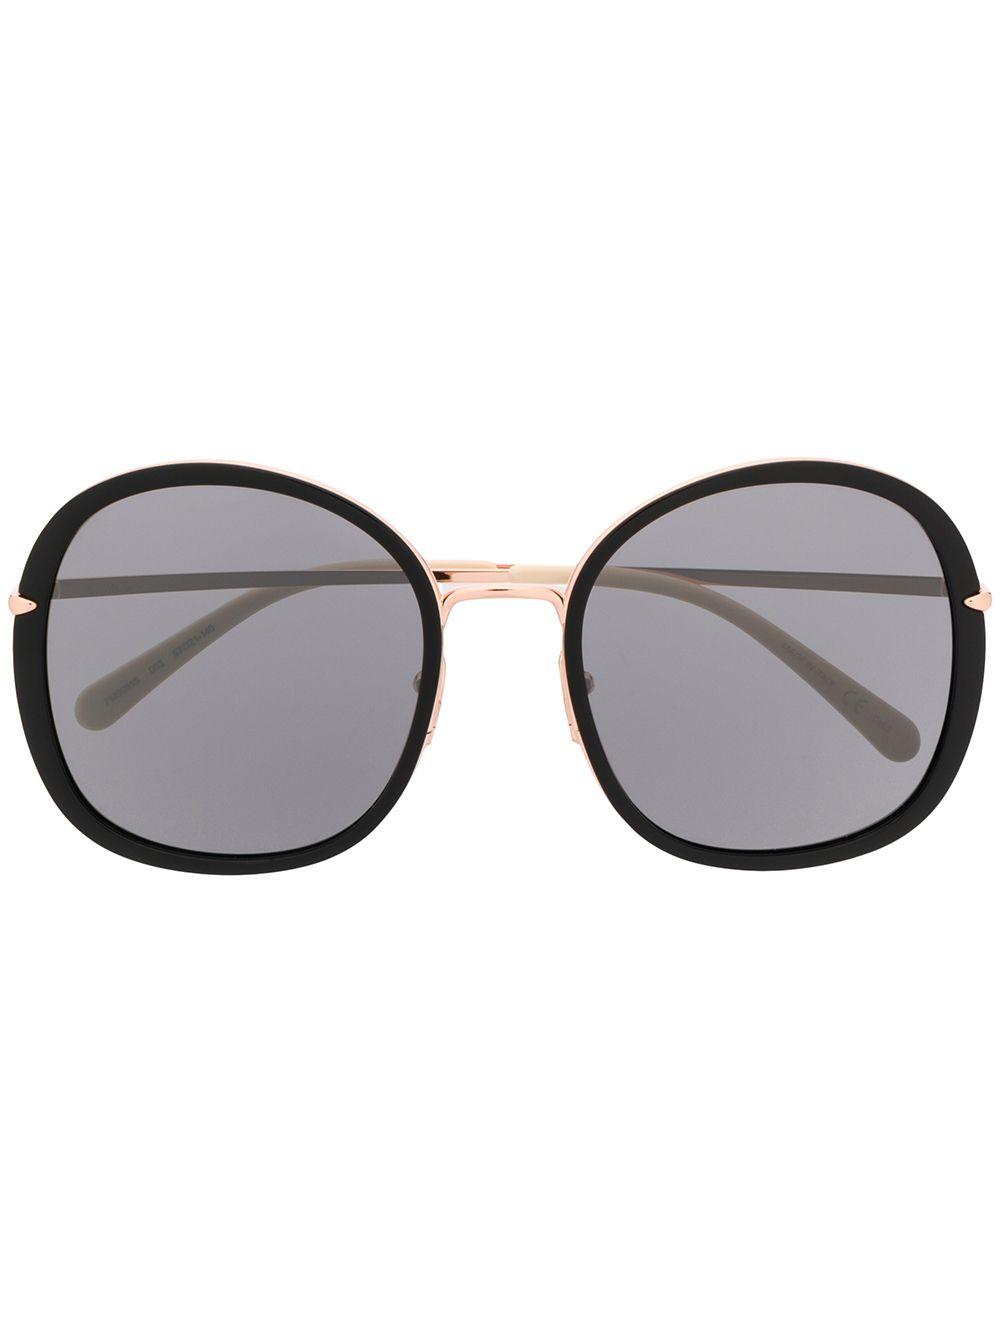 Pomellato Eyewear Klassische Oversized-Sonnenbrille - Schwarz